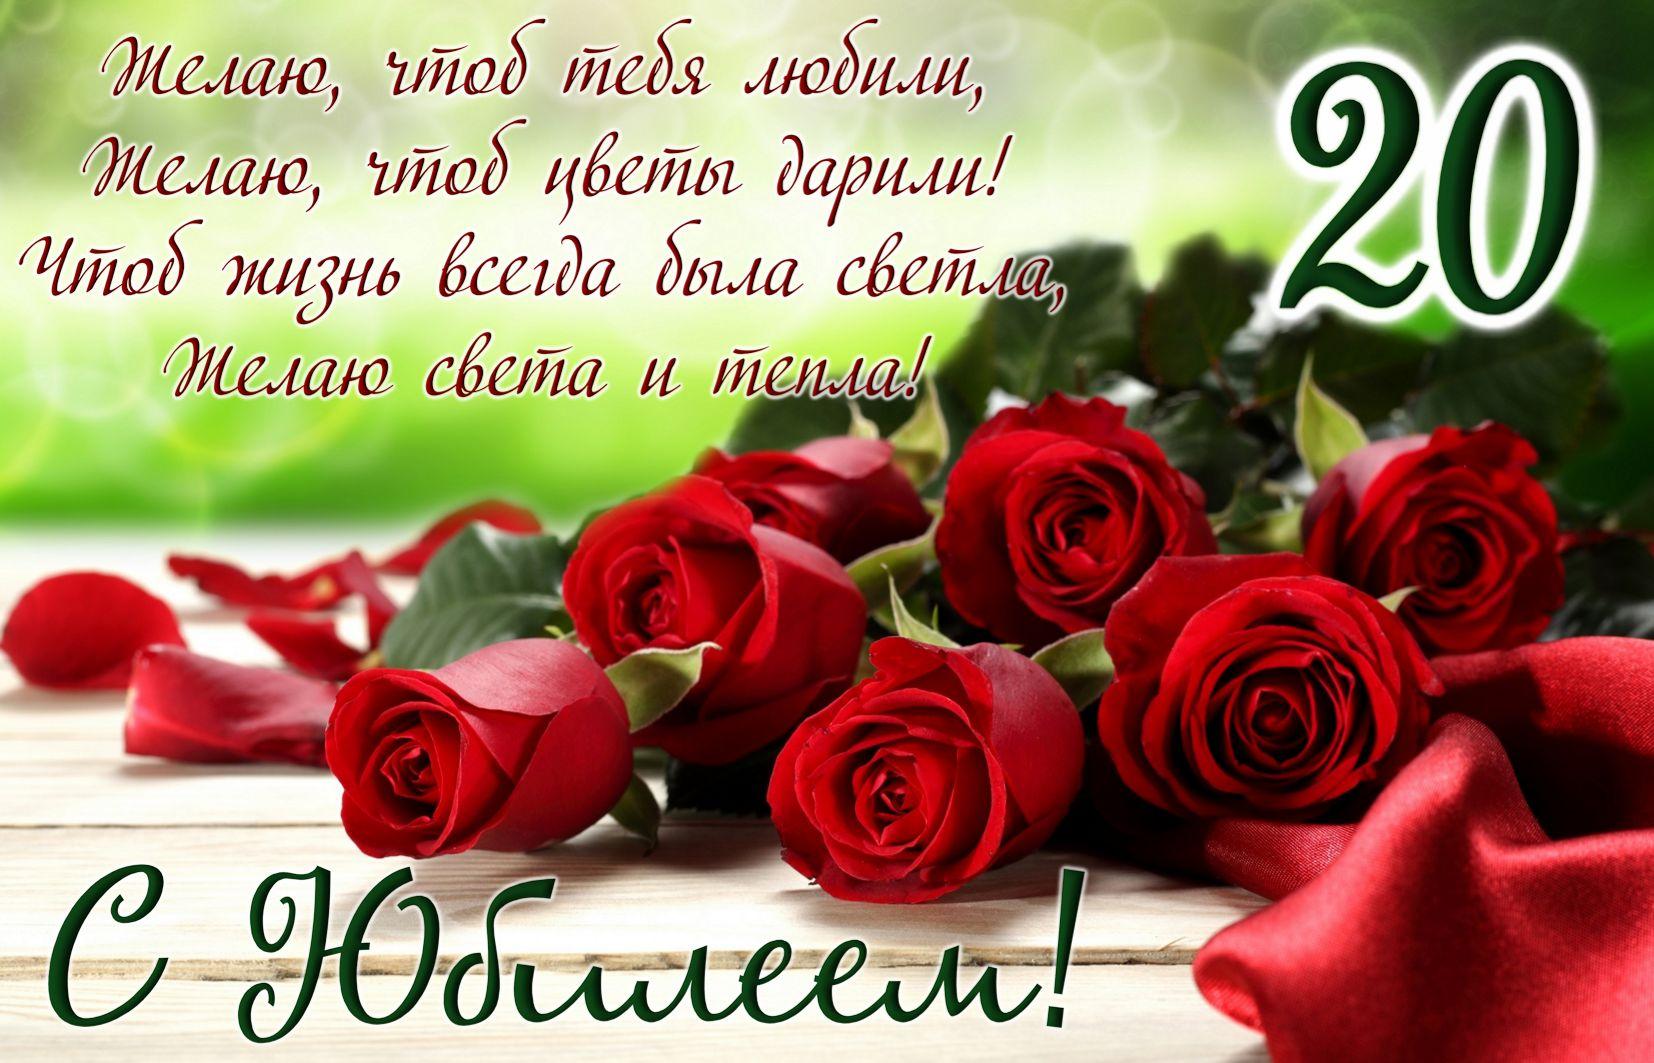 Открытка - красные розы на столе на юбилей